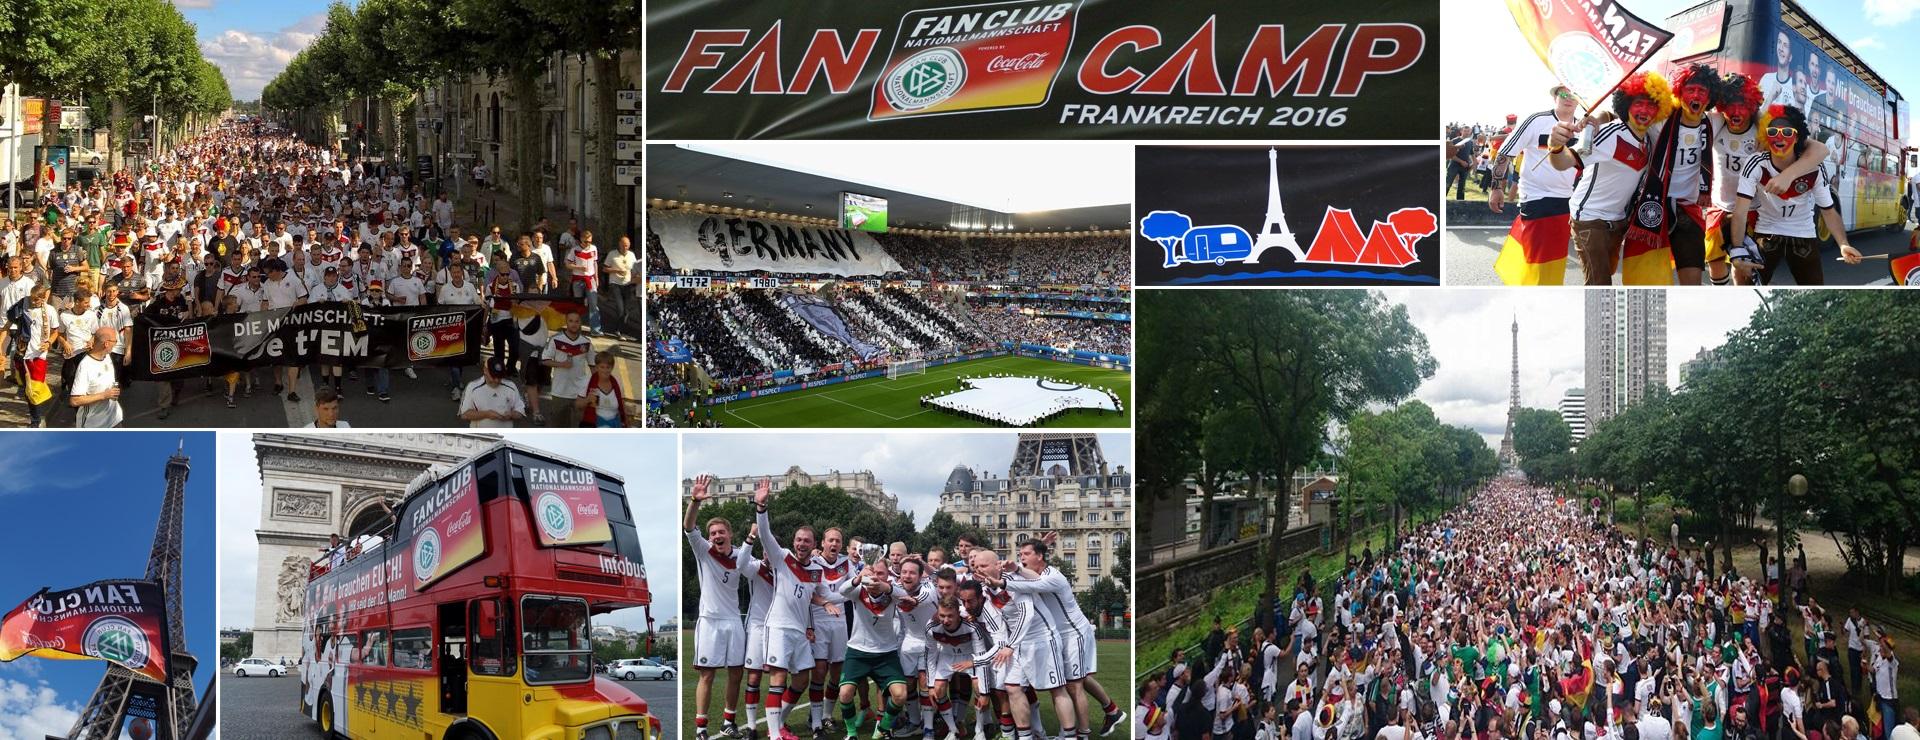 Agentur W-com begeistert in Frankreich: Fan Club Nationalmannschaft prägt die EURO 2016